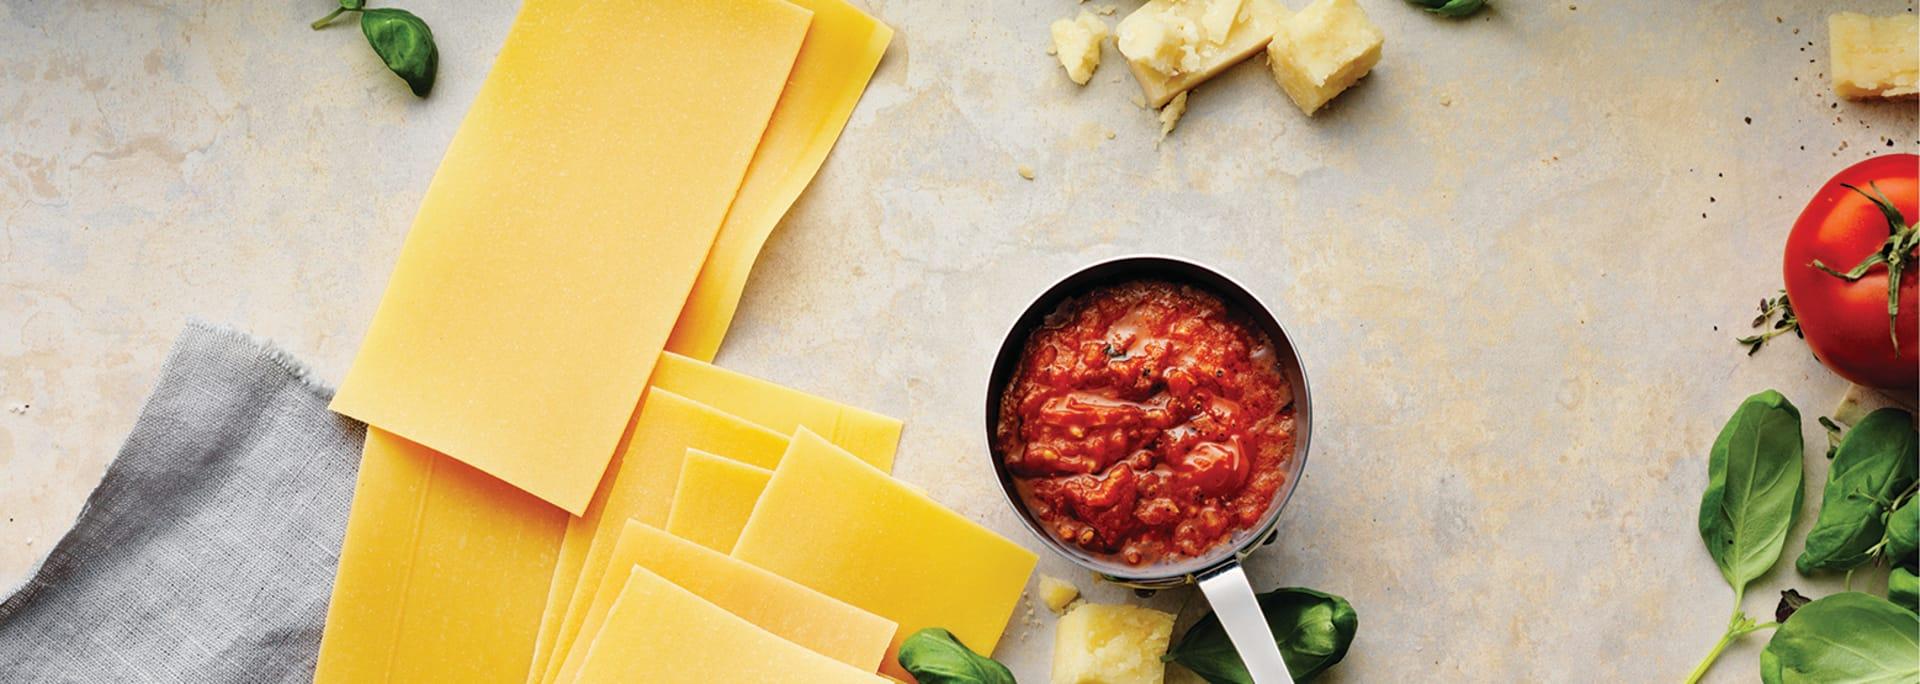 Laga glutenfri lasagne med Semper Lasagneplattor